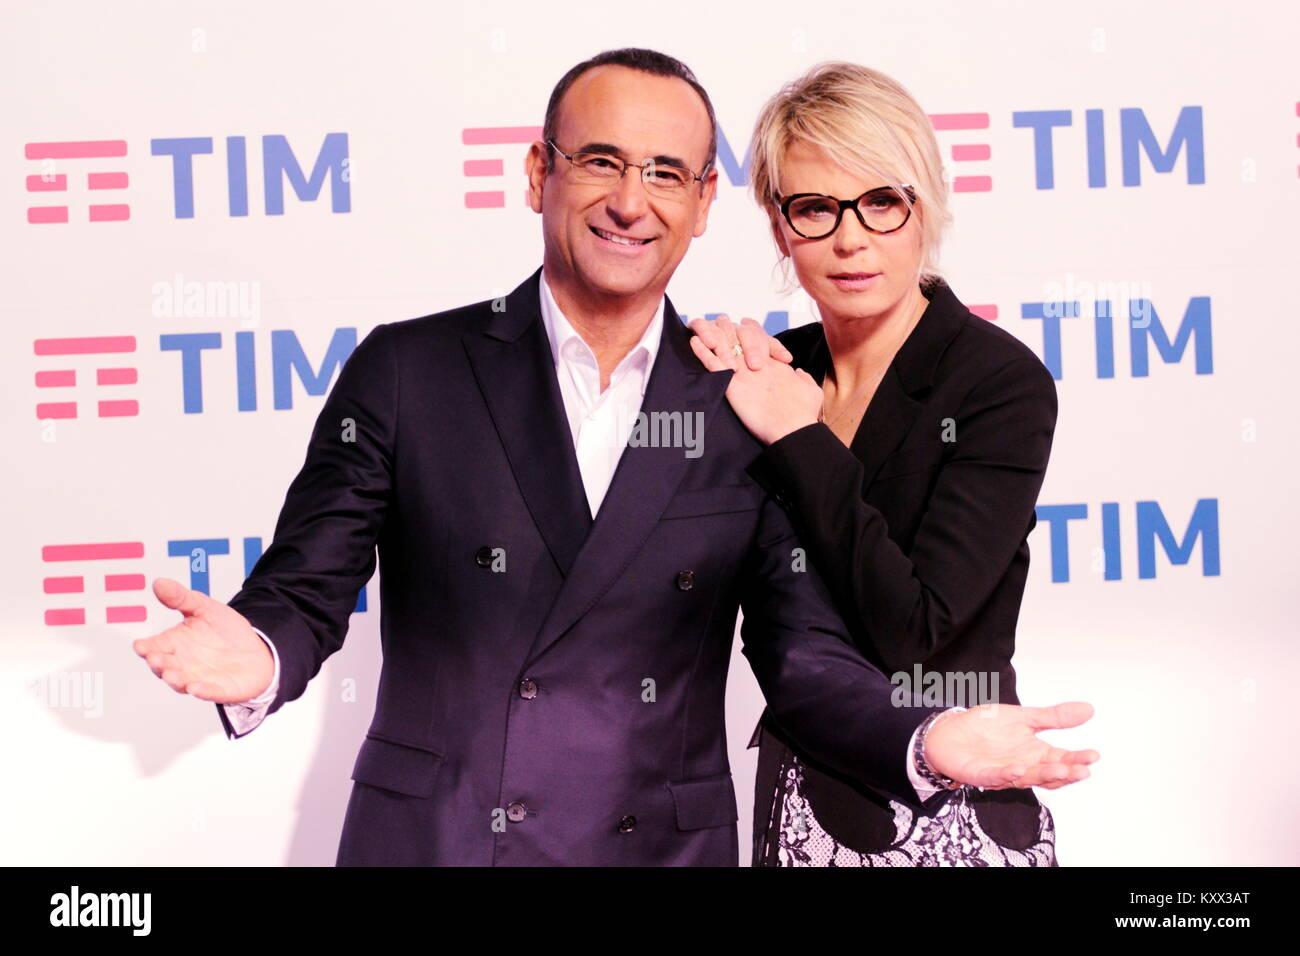 Carlo Conti e Maria de Filippi, photocall Festival di Sanremo 2017.Conferenza stampa presso del techo de la sala del Teatro Ariston. Foto de stock